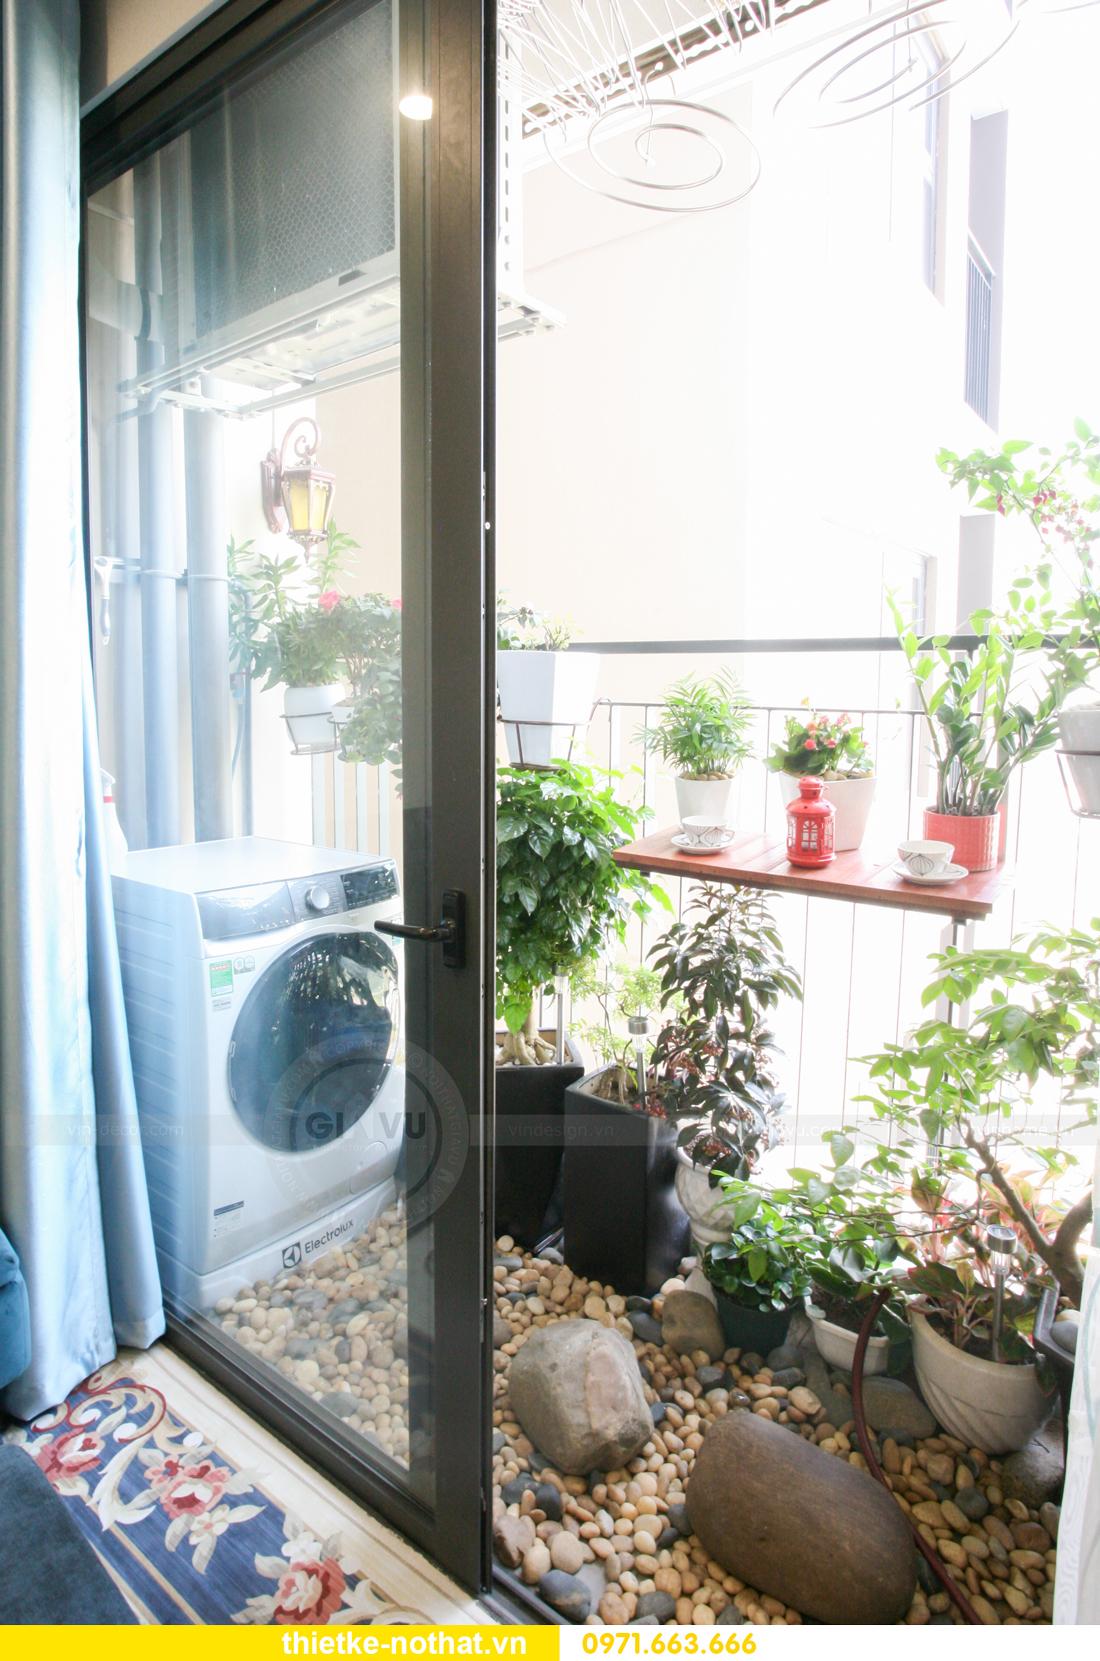 thi công nội thất căn hộ Vinhomes Smart City nhà anh Hân 12